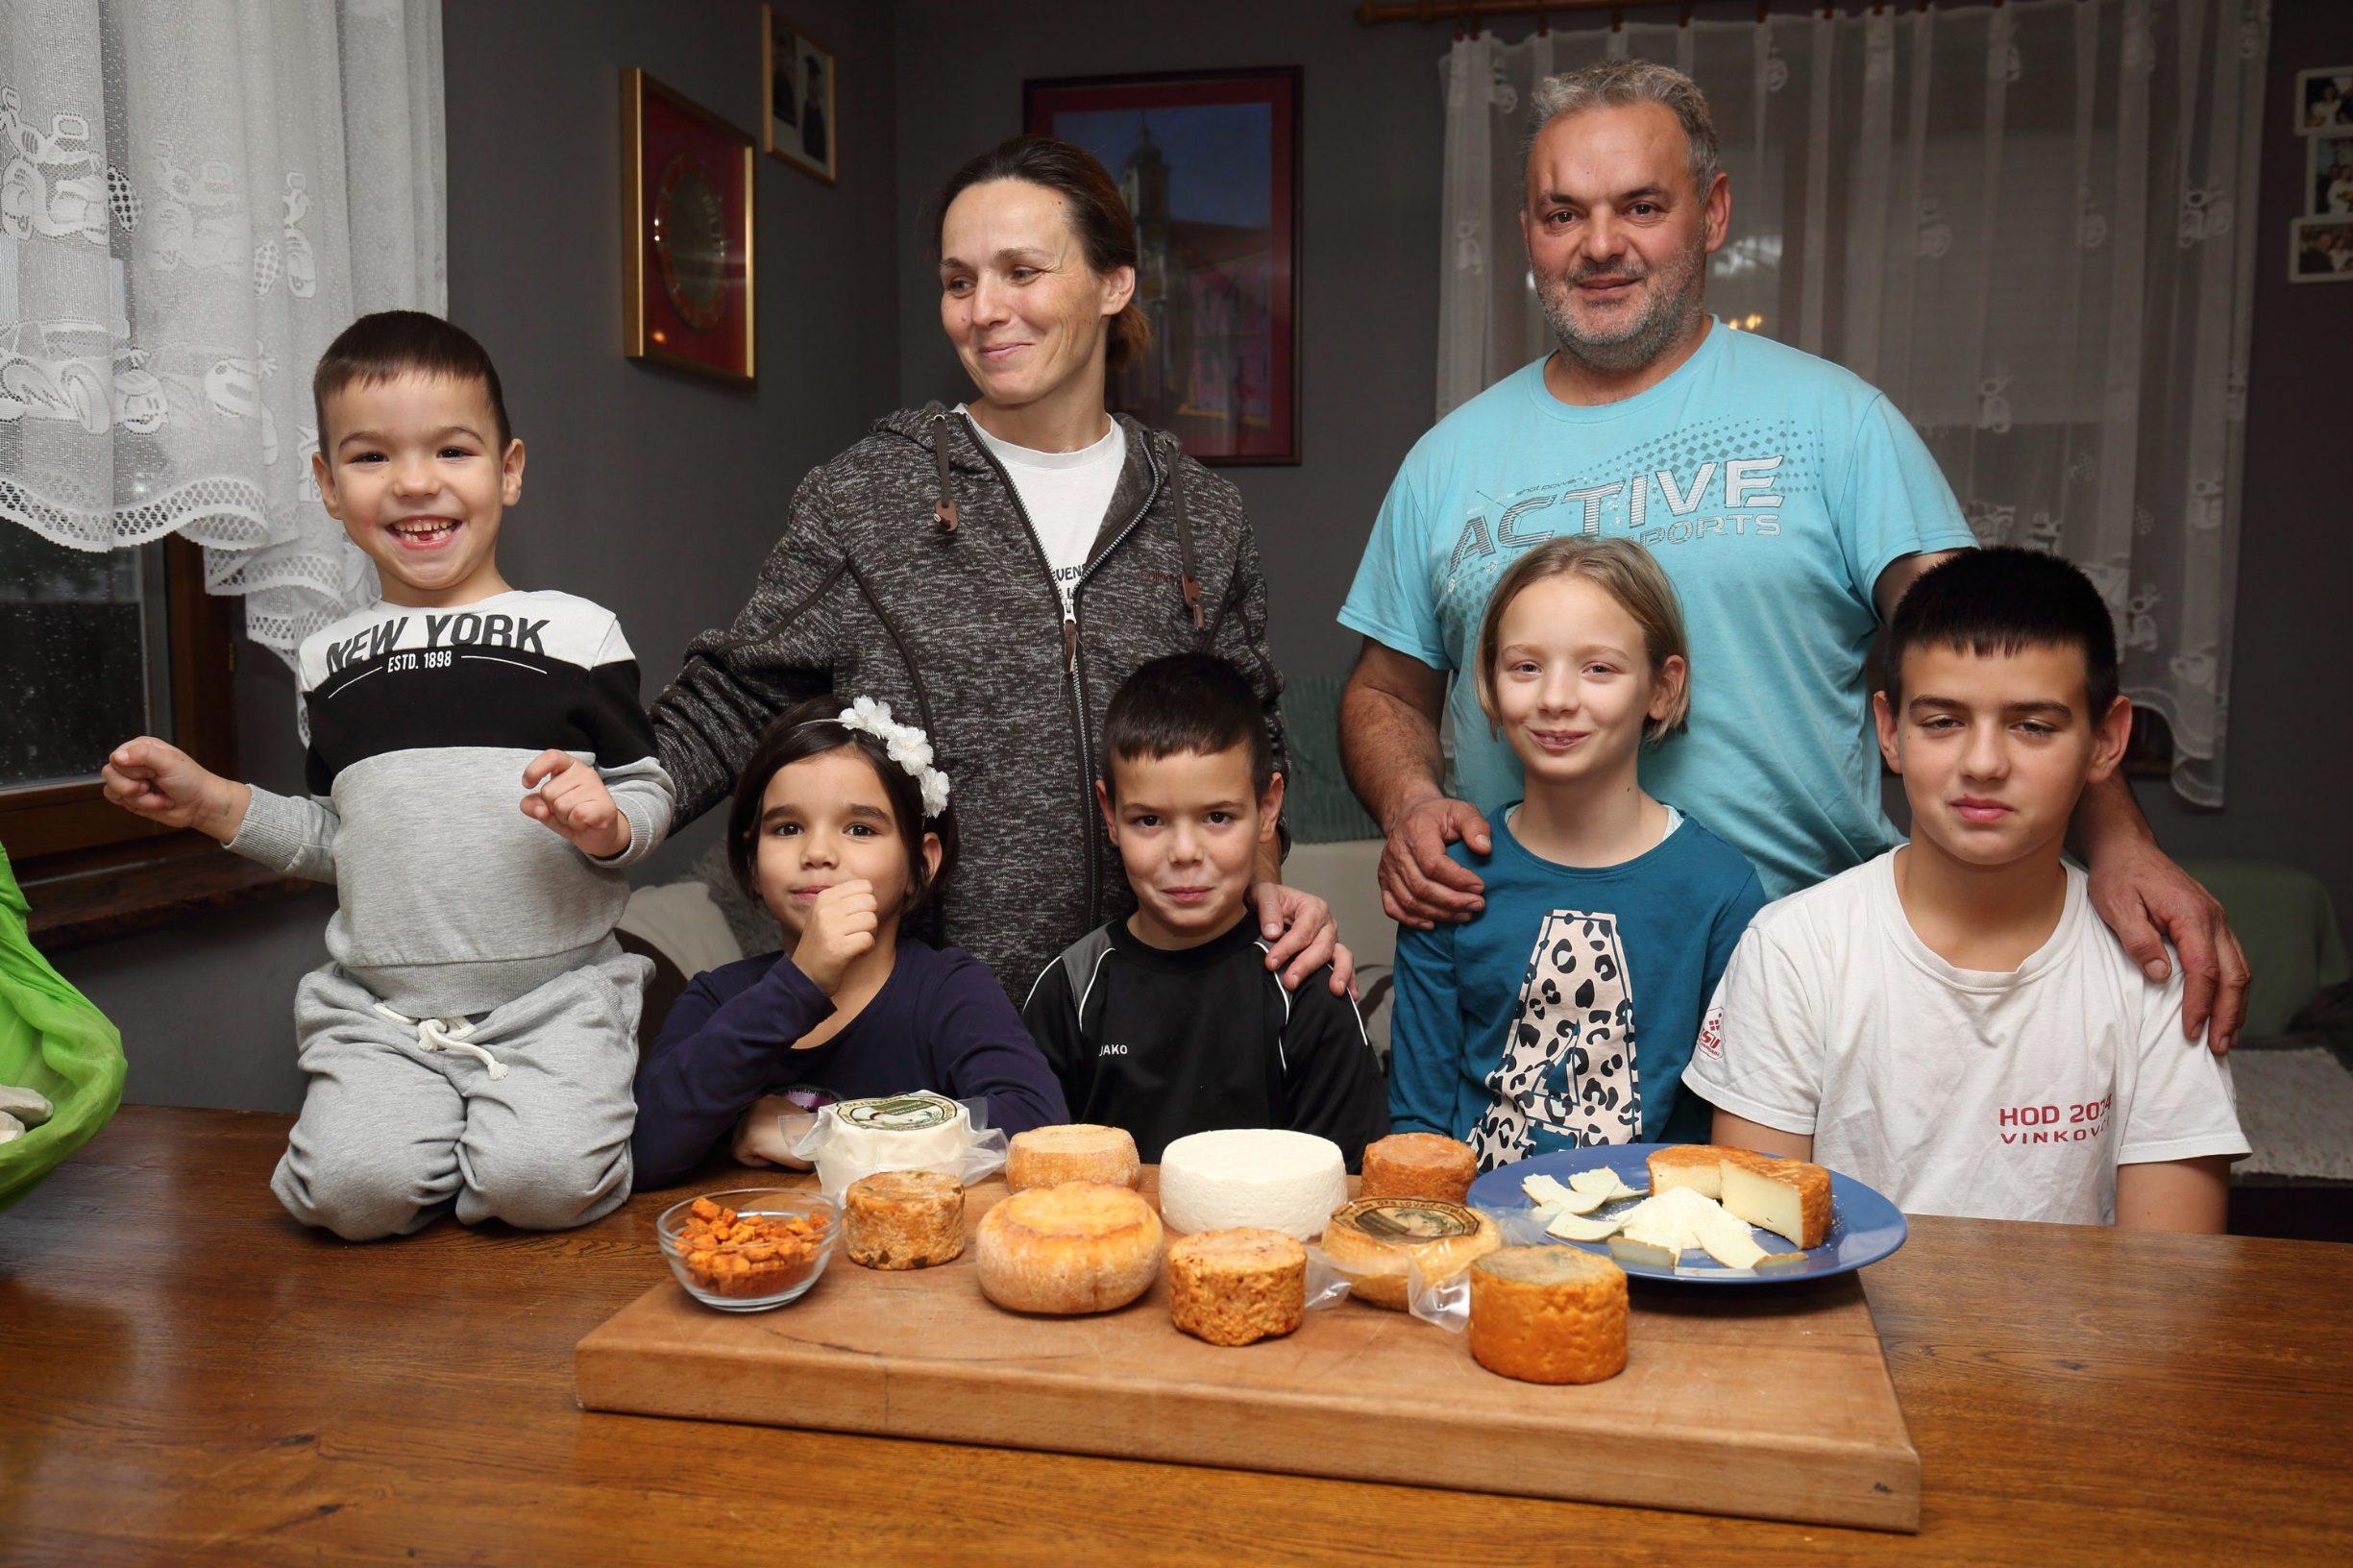 Komletinci, 101219. Tatjana Lovric Jovanovic vlasnica je OPG-a za proizvodnju kozjeg sira. Najnoviji proizvod OPG-a su cvarci od sira. Na fotografiji: Tatjana Lovric Jovanovic, suprug Zeljko i njihova djeca, Karlo, Lucija, Luka, Ana i Ivo. Foto: Vlado Kos / CROPIX -JL-